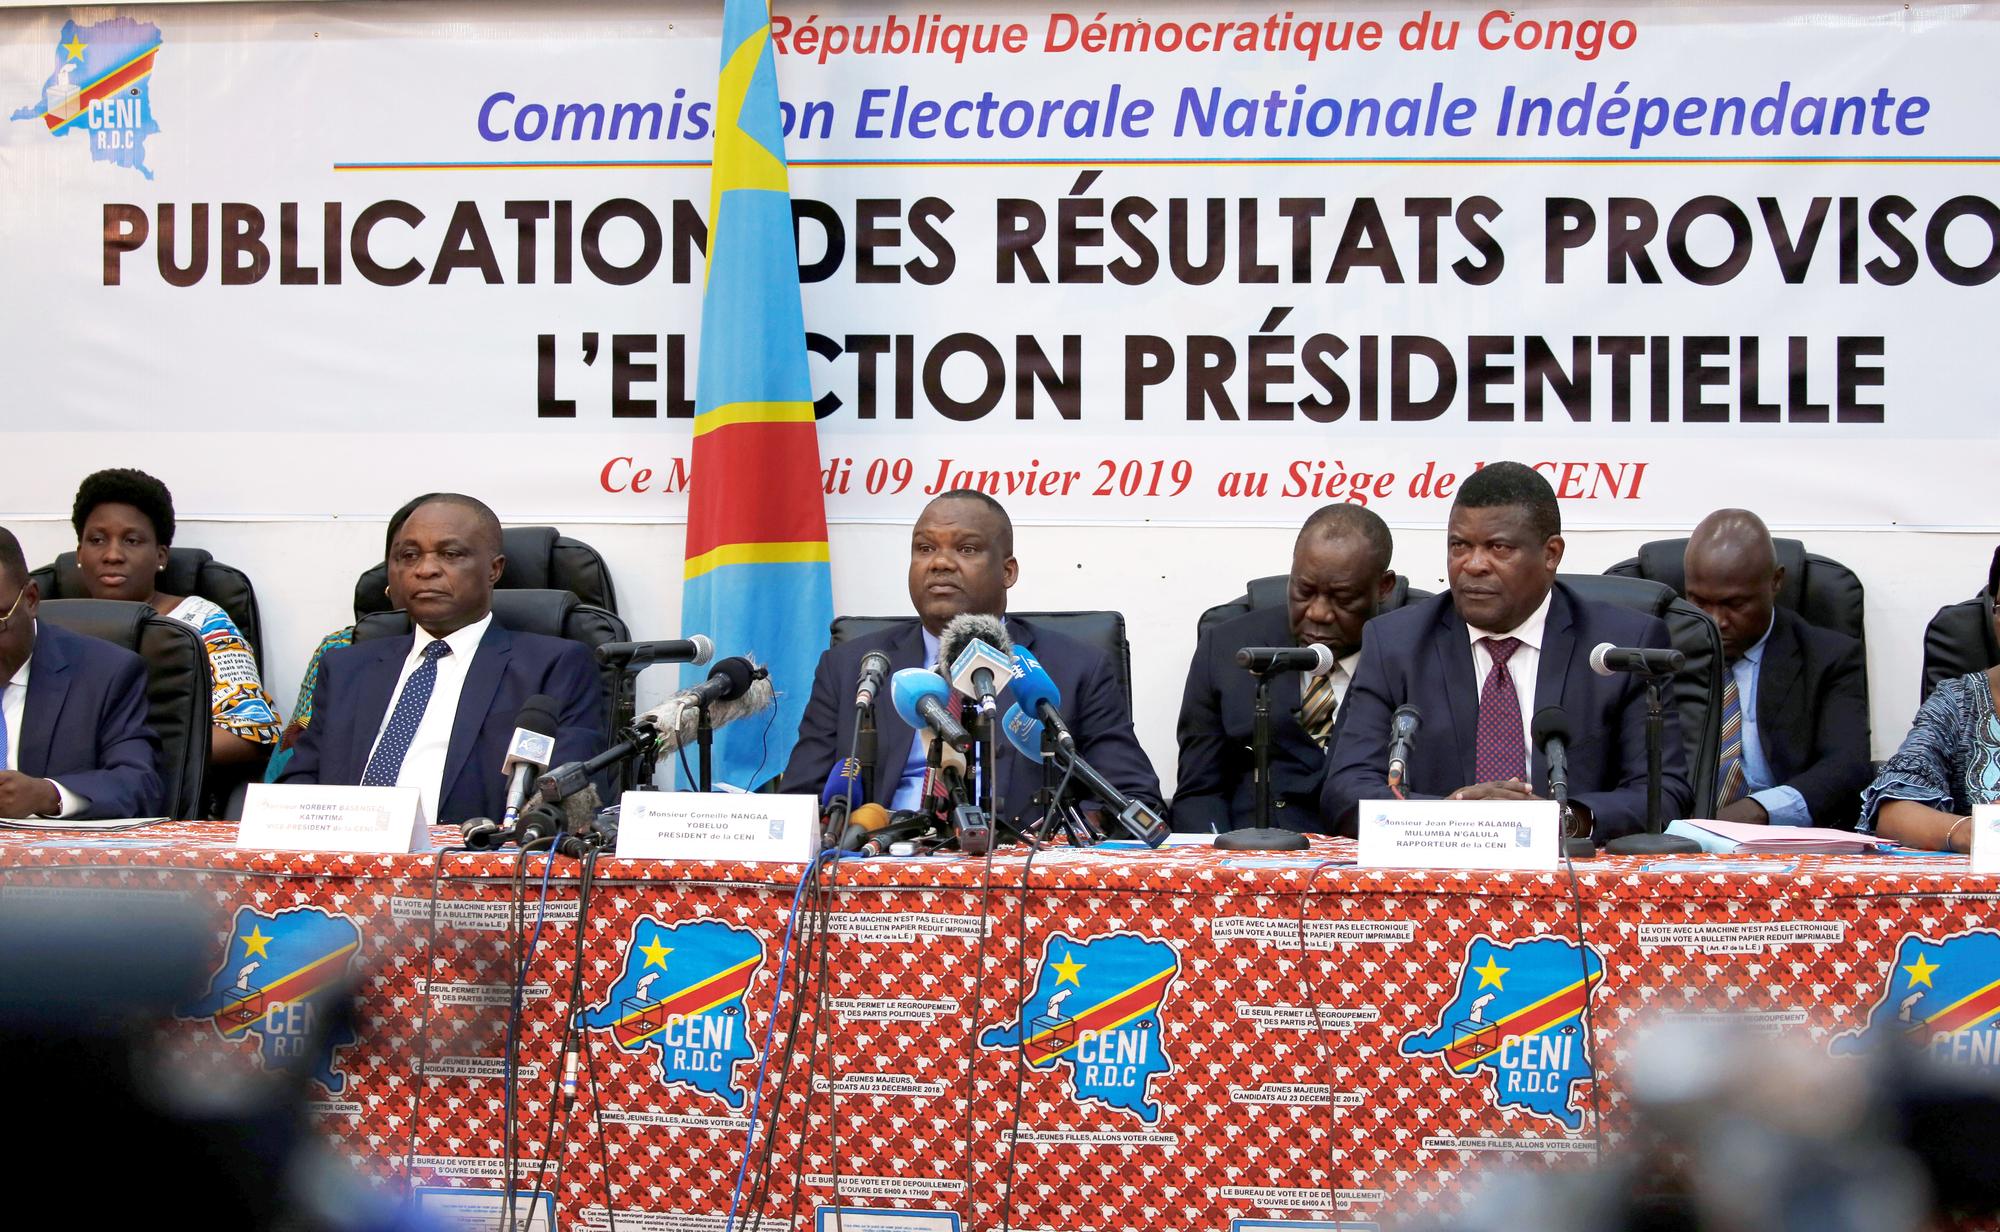 La Ceni lors de l'annonce des résultats, à Kinshasa.